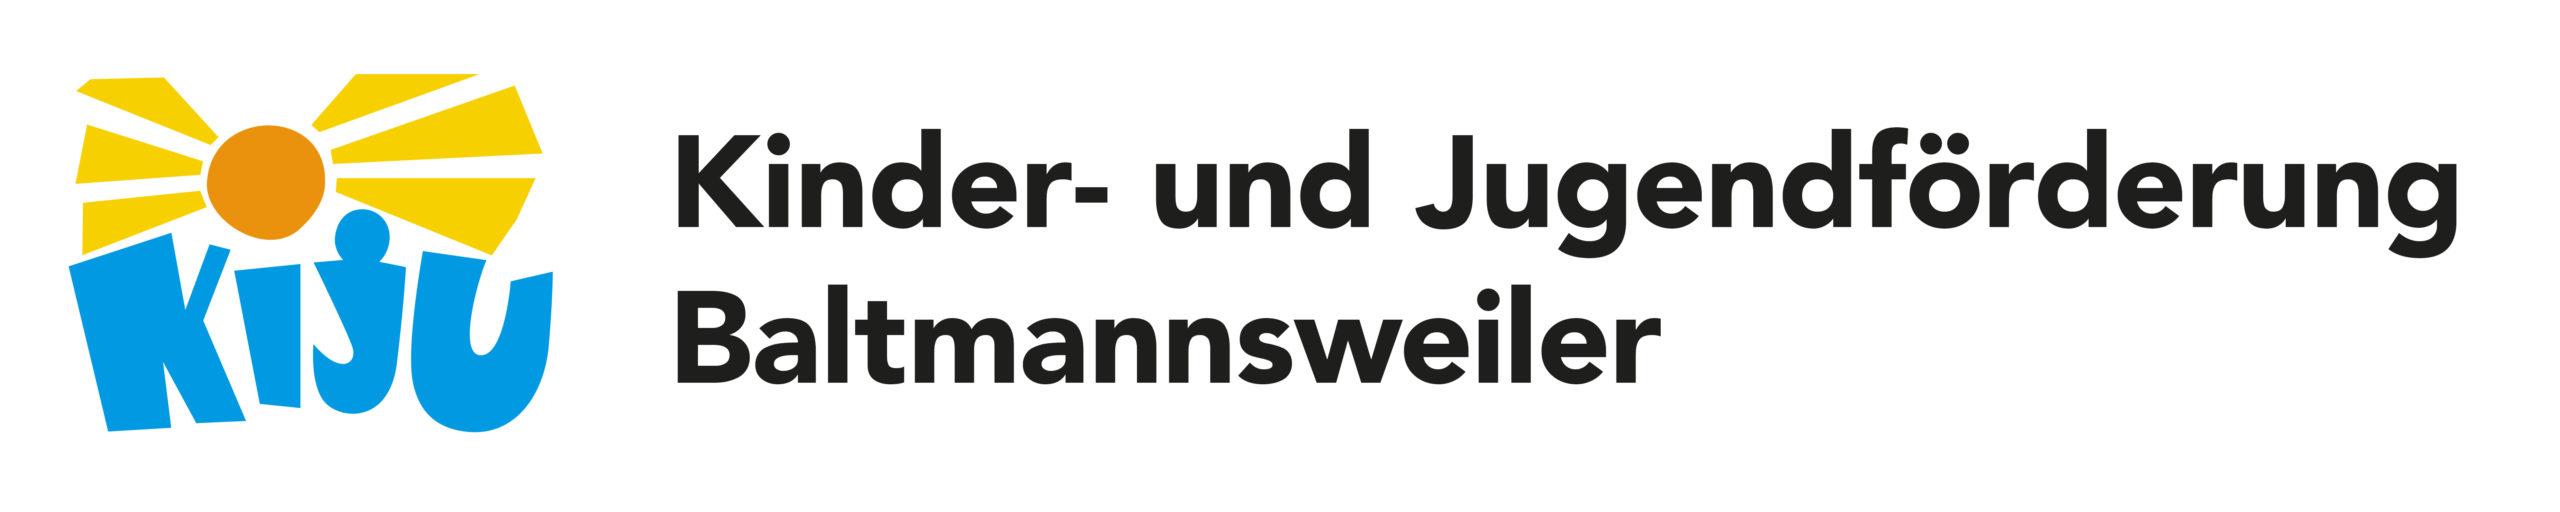 KiJu Baltmannsweiler